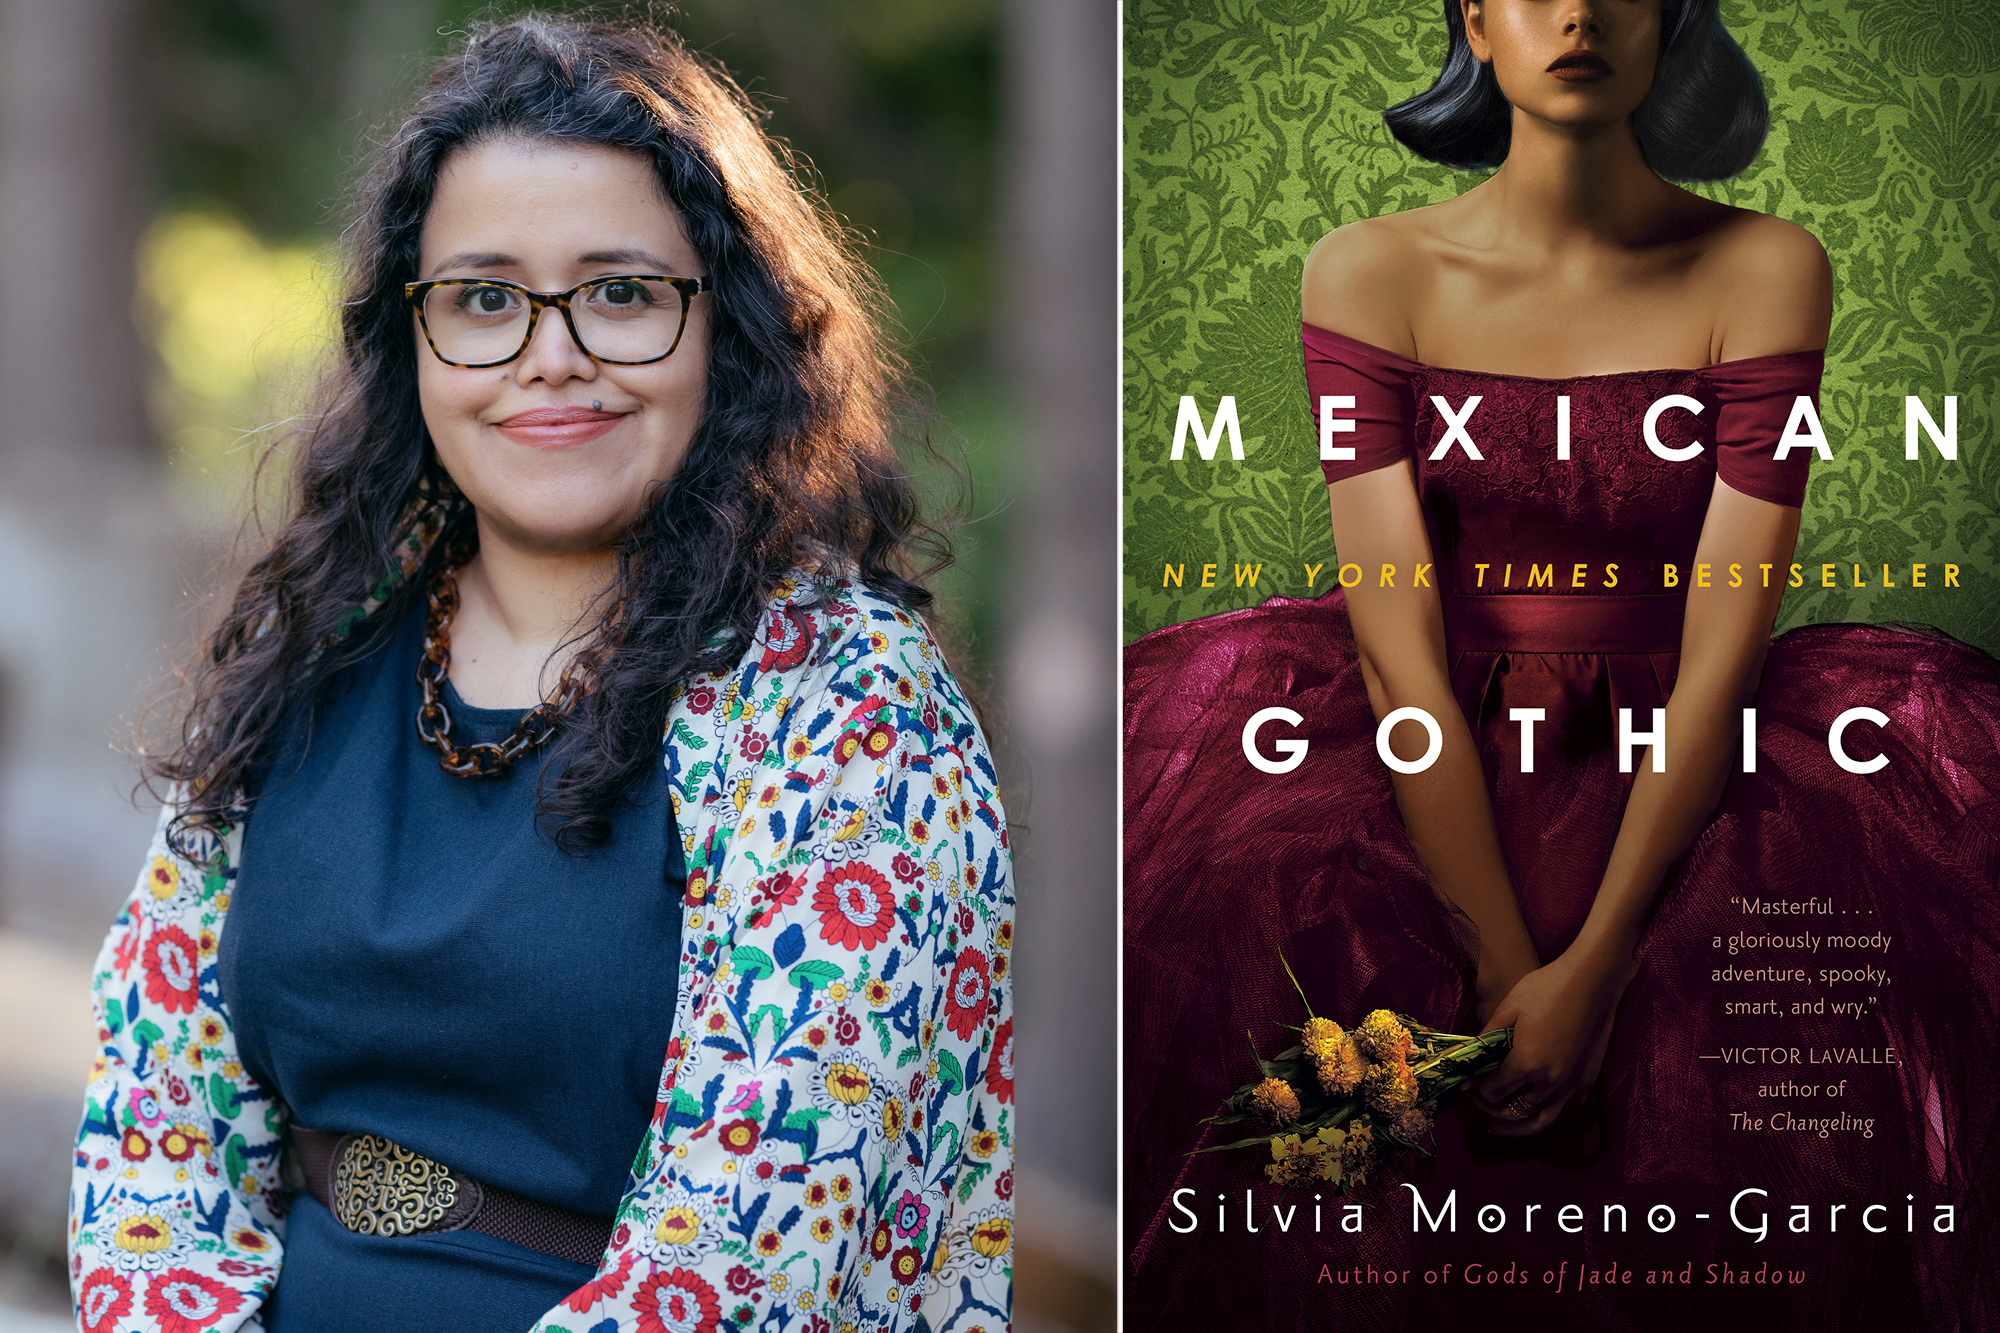 Silvia Moreno-Garcia, Mexican Gothic